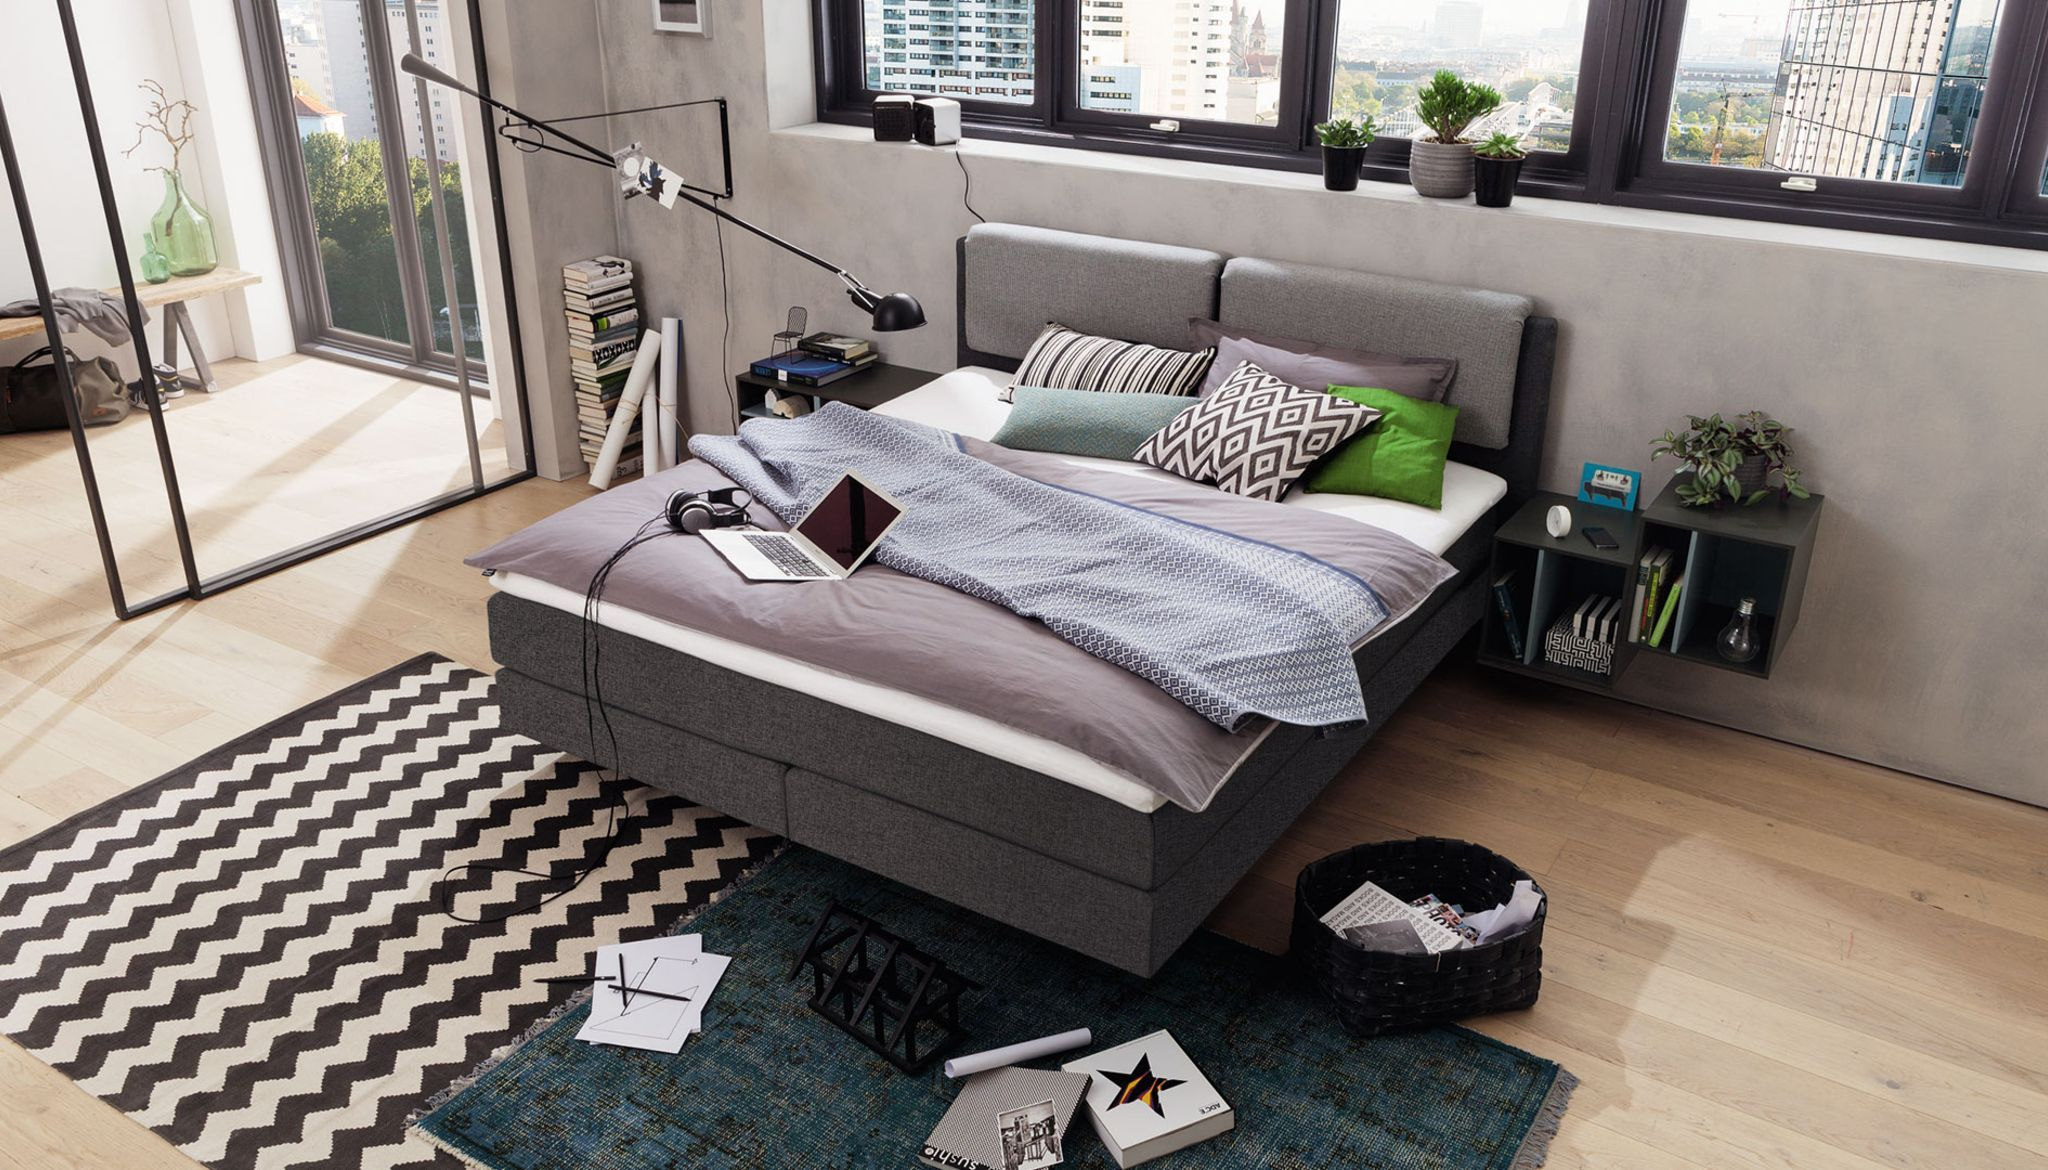 Schlafzimmerschrank Hülsta ~ Schlafen hülsta die möbelmarke interior inspiration